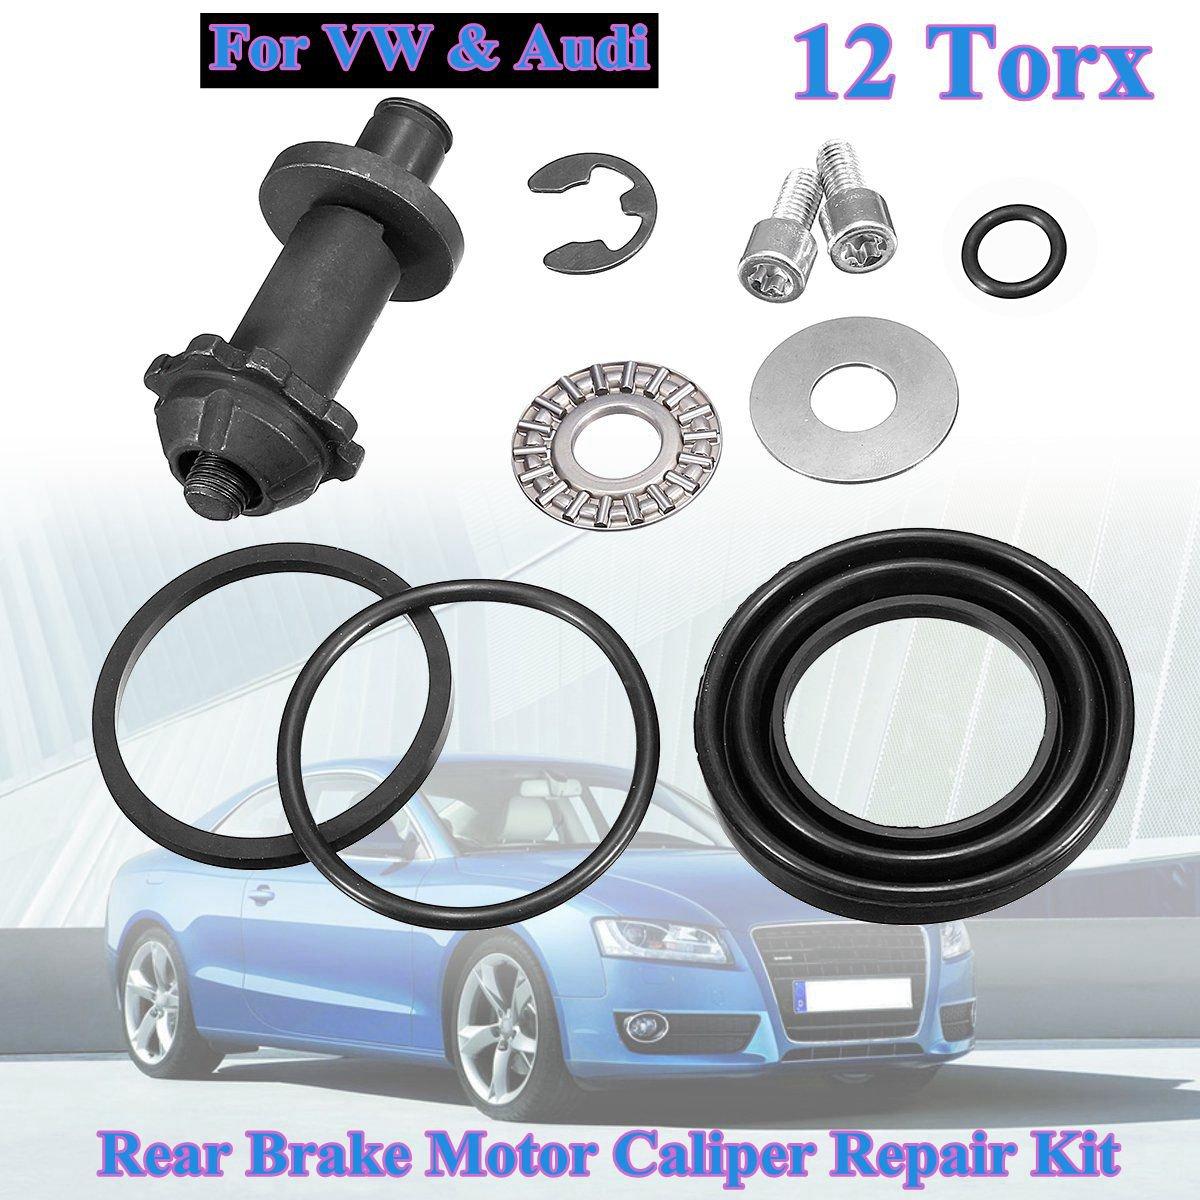 12 Torx Spille Denti Motore Posteriore Del Motore Del Freno Pinza Kit di Riparazione Elettronica per Vw Passat B6 B7 Cc Tiguan Q3 a4 S4 A5 S5 A6